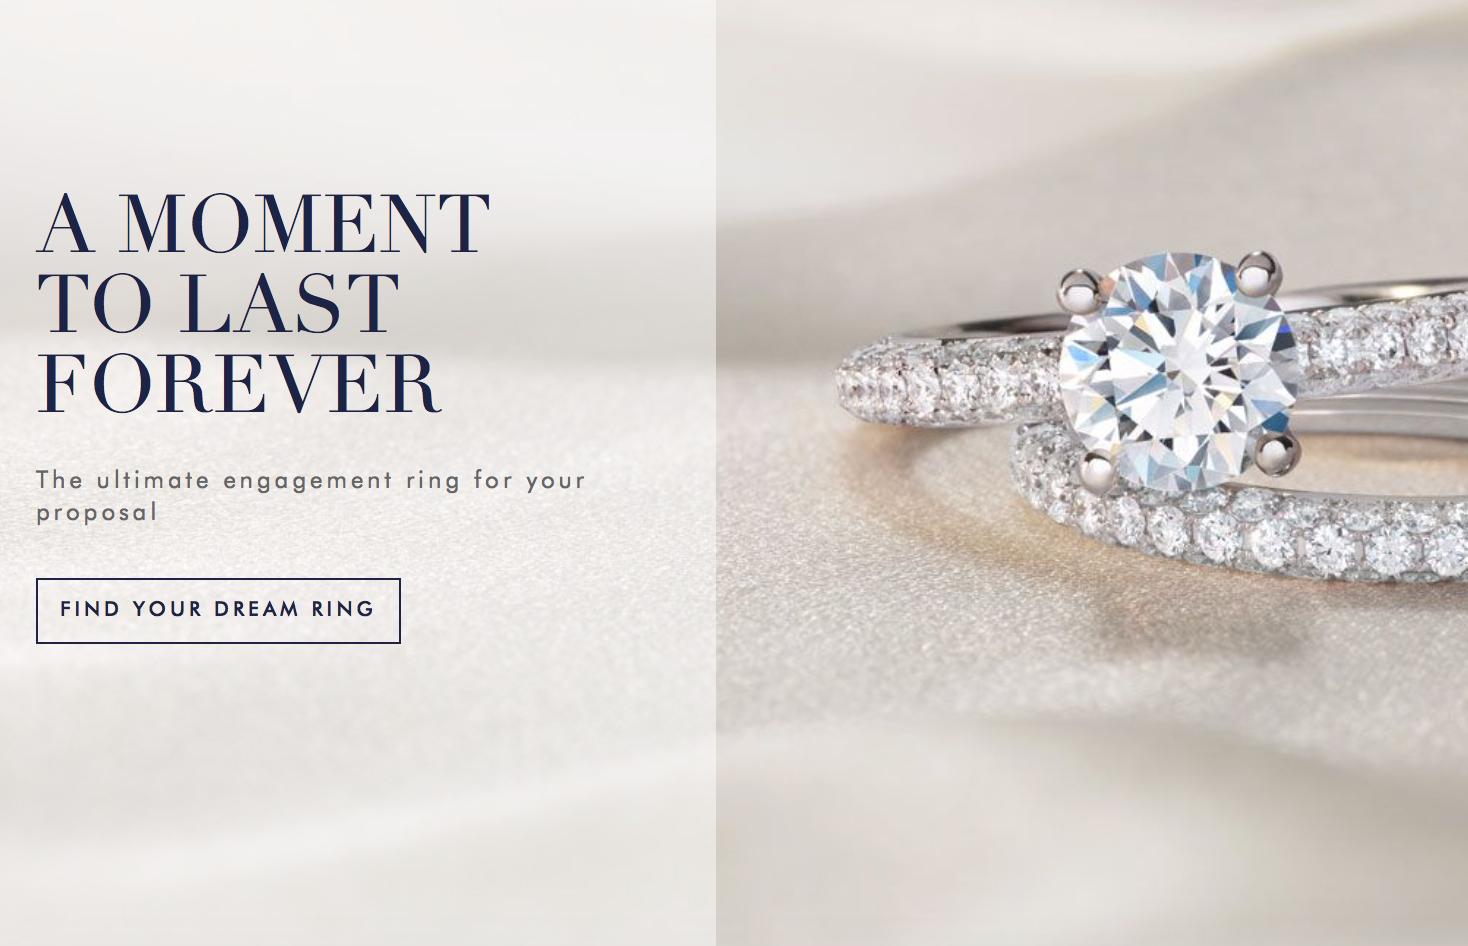 """越来越多中国独立女性为自己购买钻石珠宝 品牌营销思路从""""婚姻""""转向""""自我表达"""""""